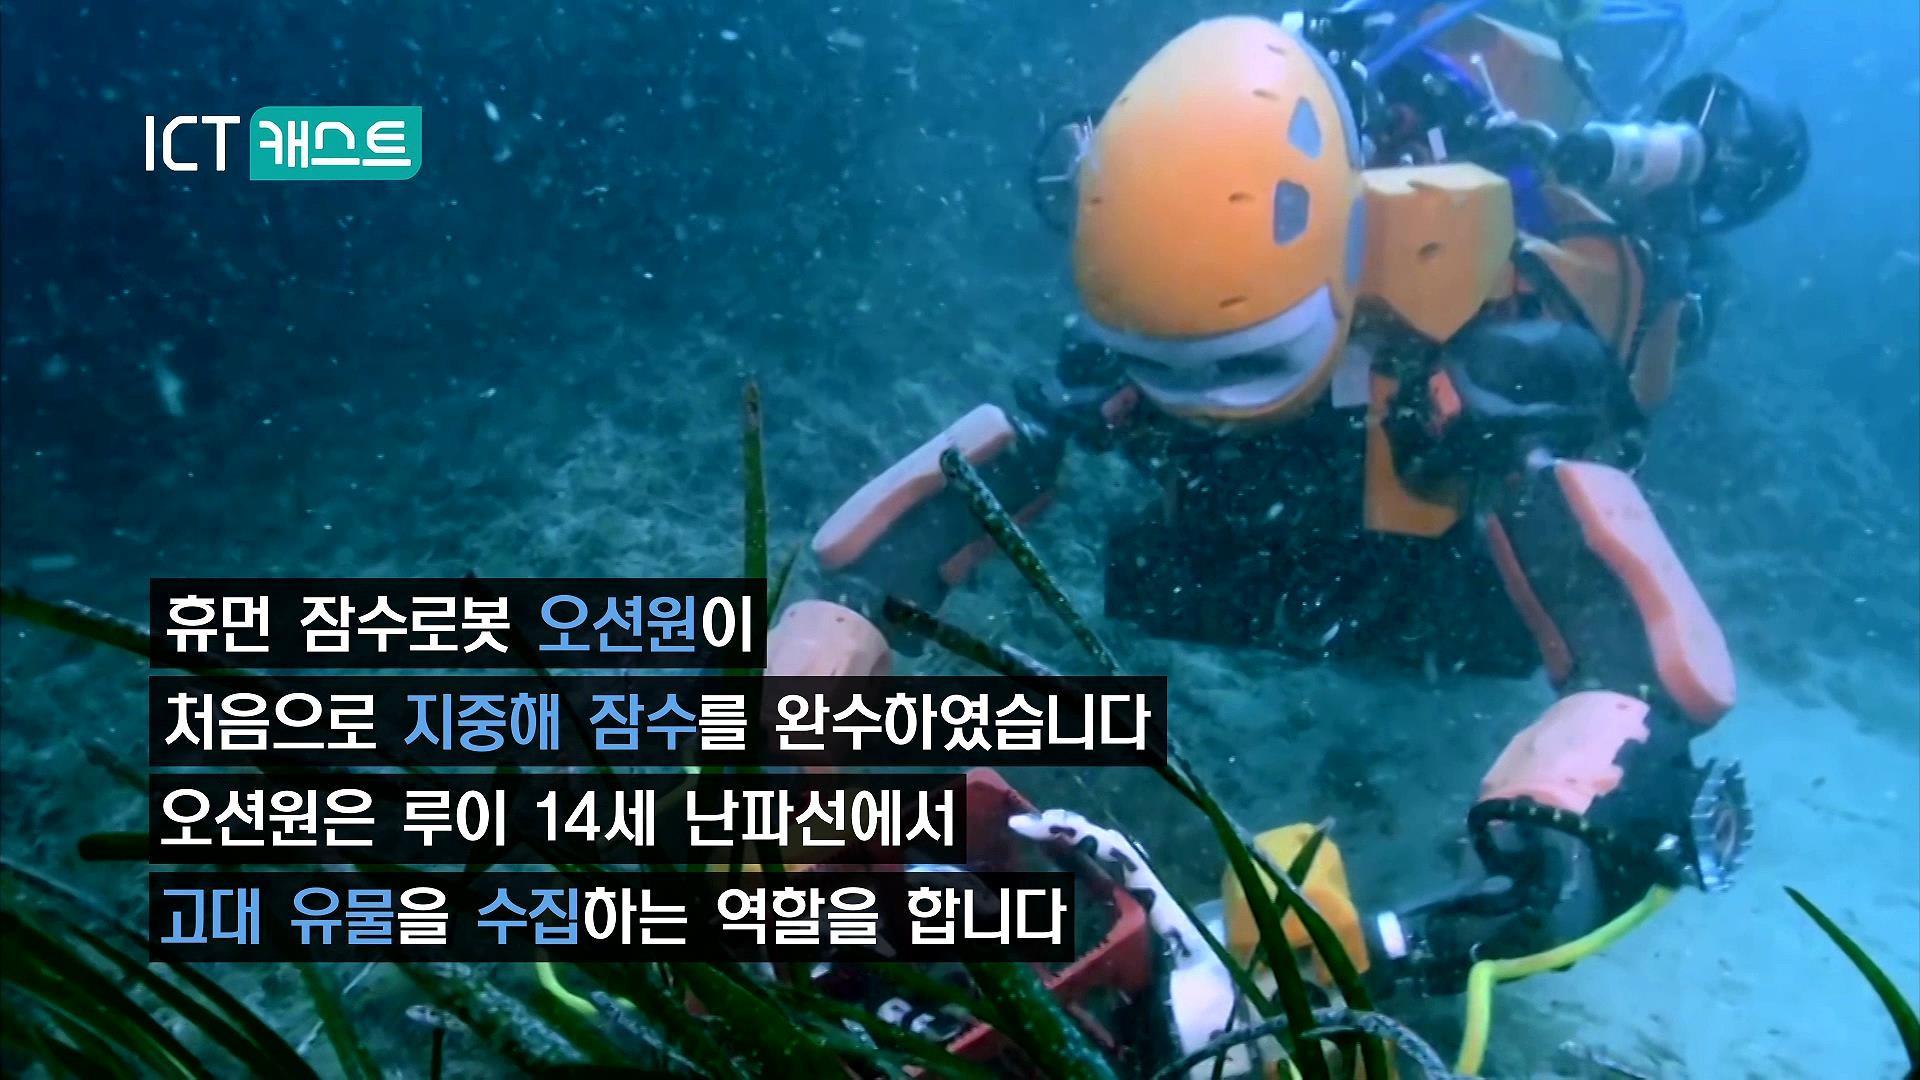 휴먼 잠수로봇 오션원 첫 지중해 잠수 완수_ICT 캐스트 5월 2주차